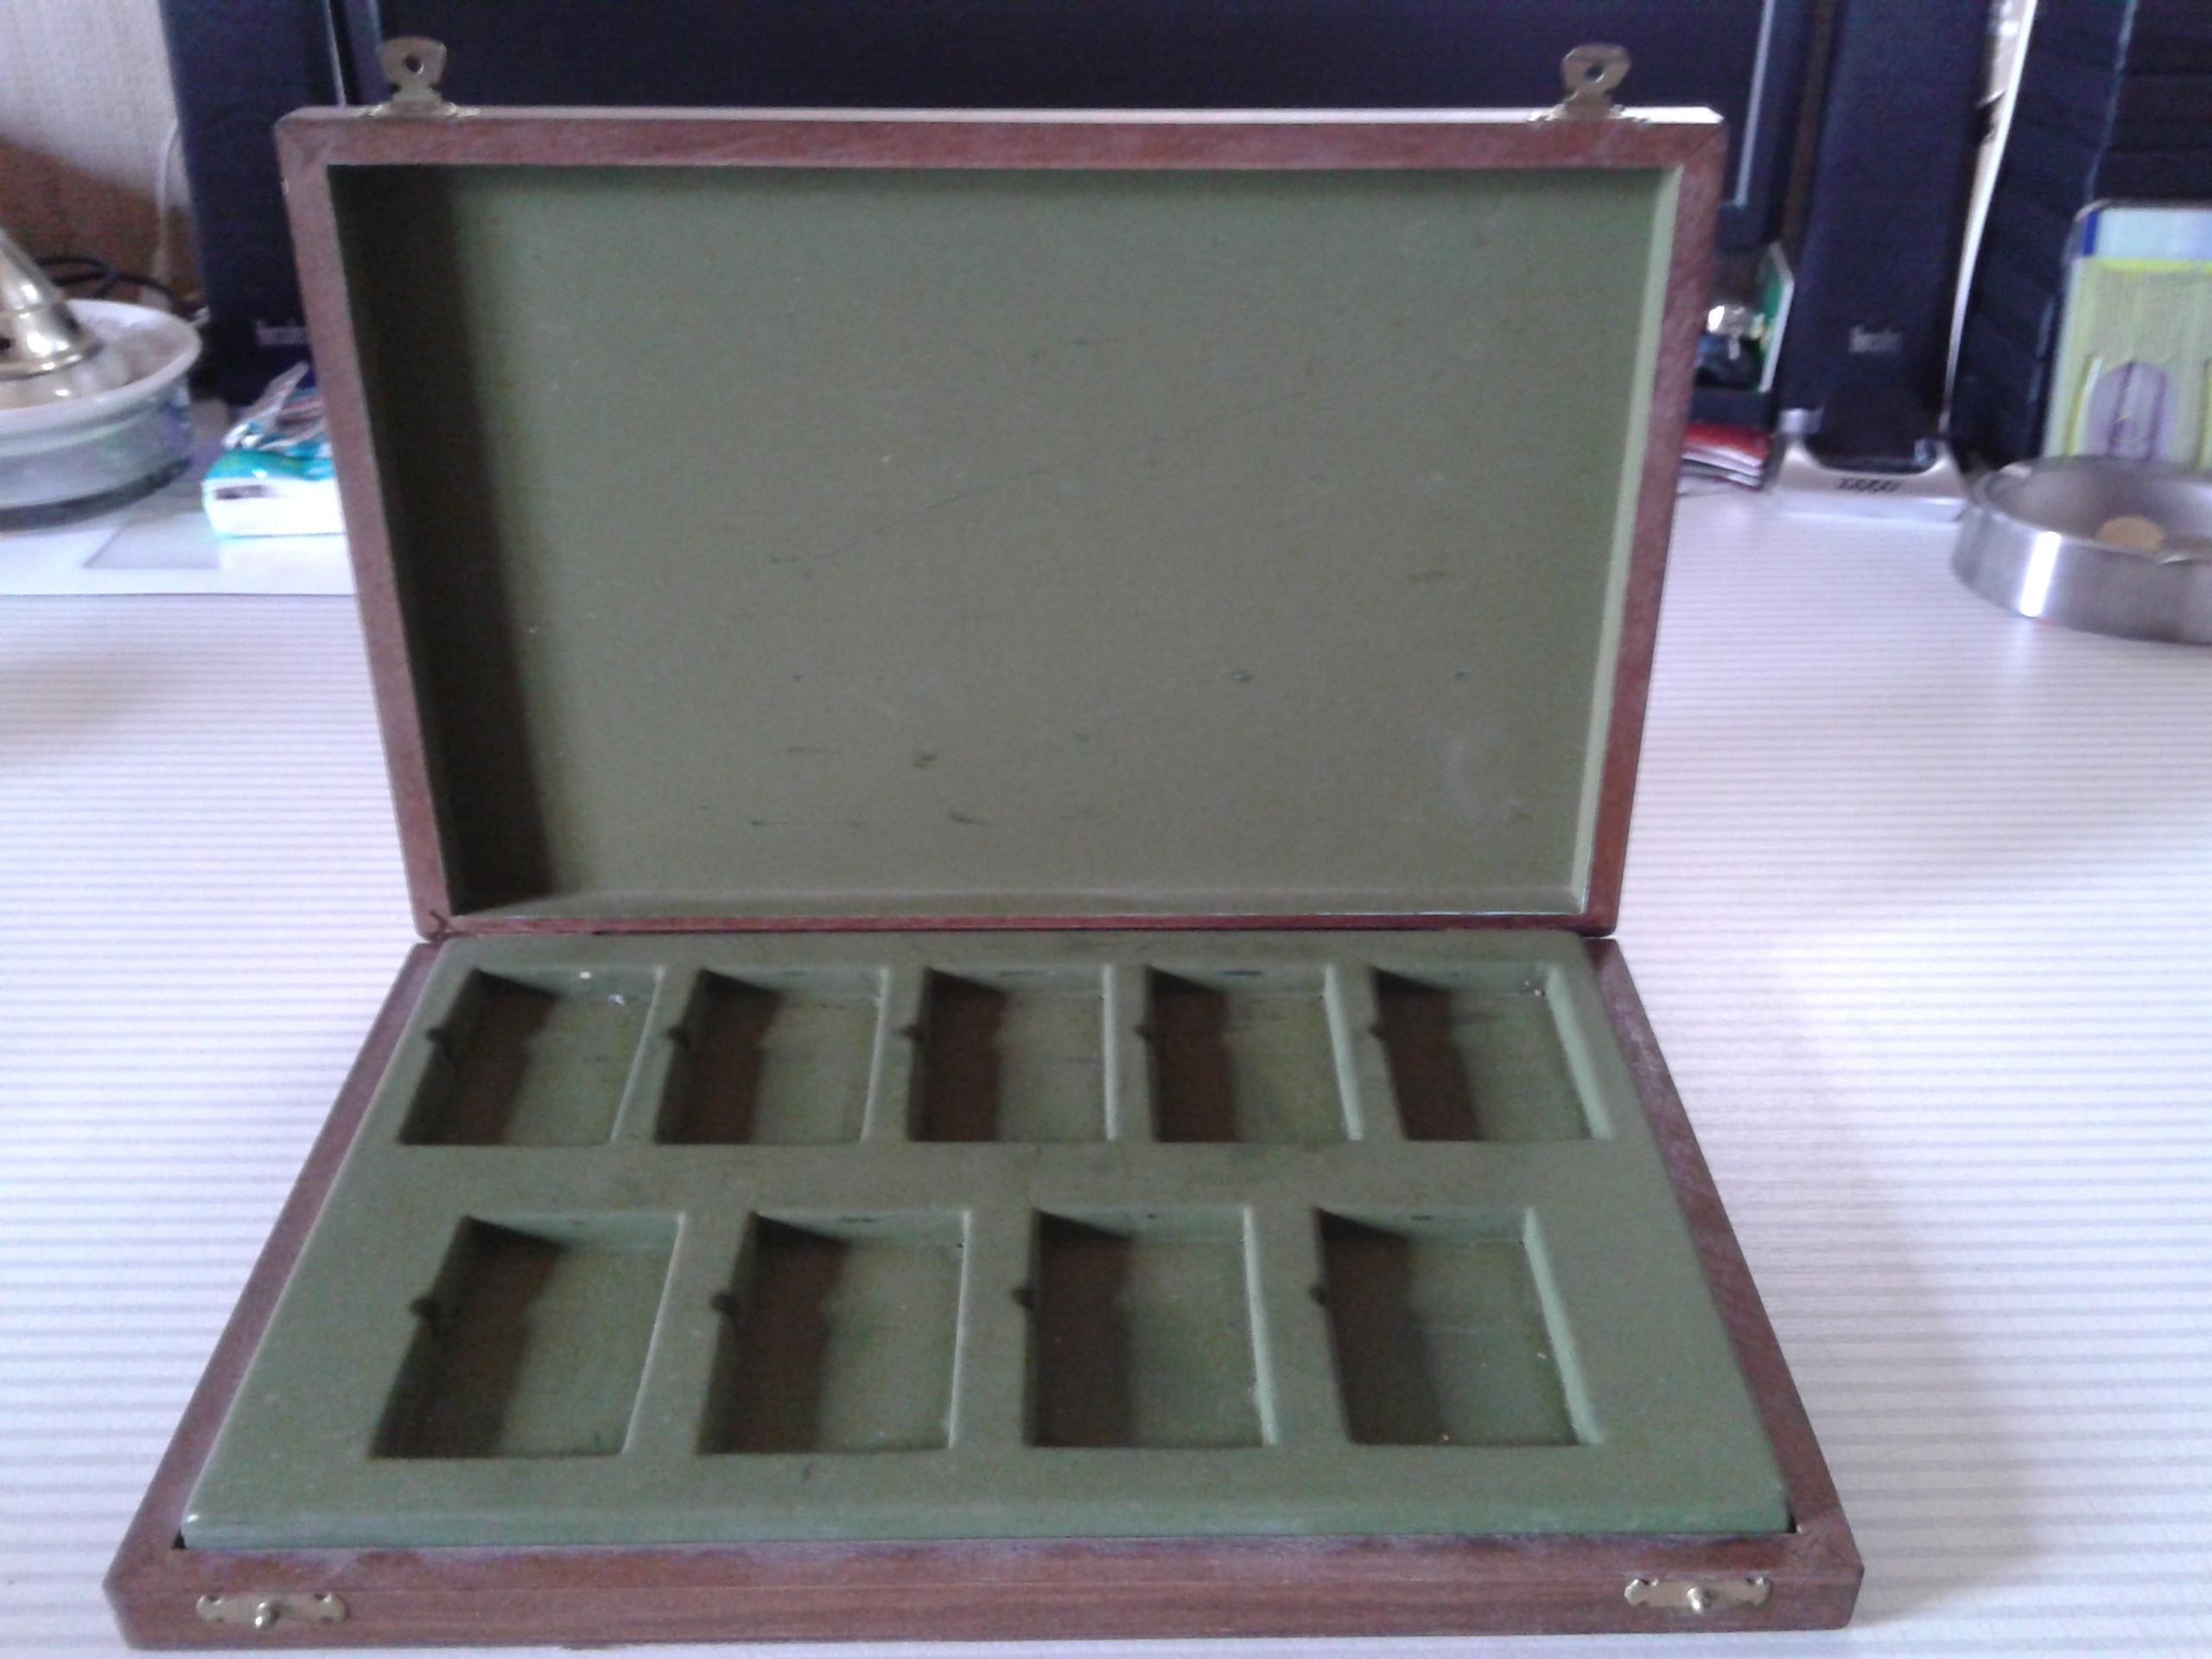 Les boites Zippo au fil du temps - Page 2 467617MarmotteChevigne19882